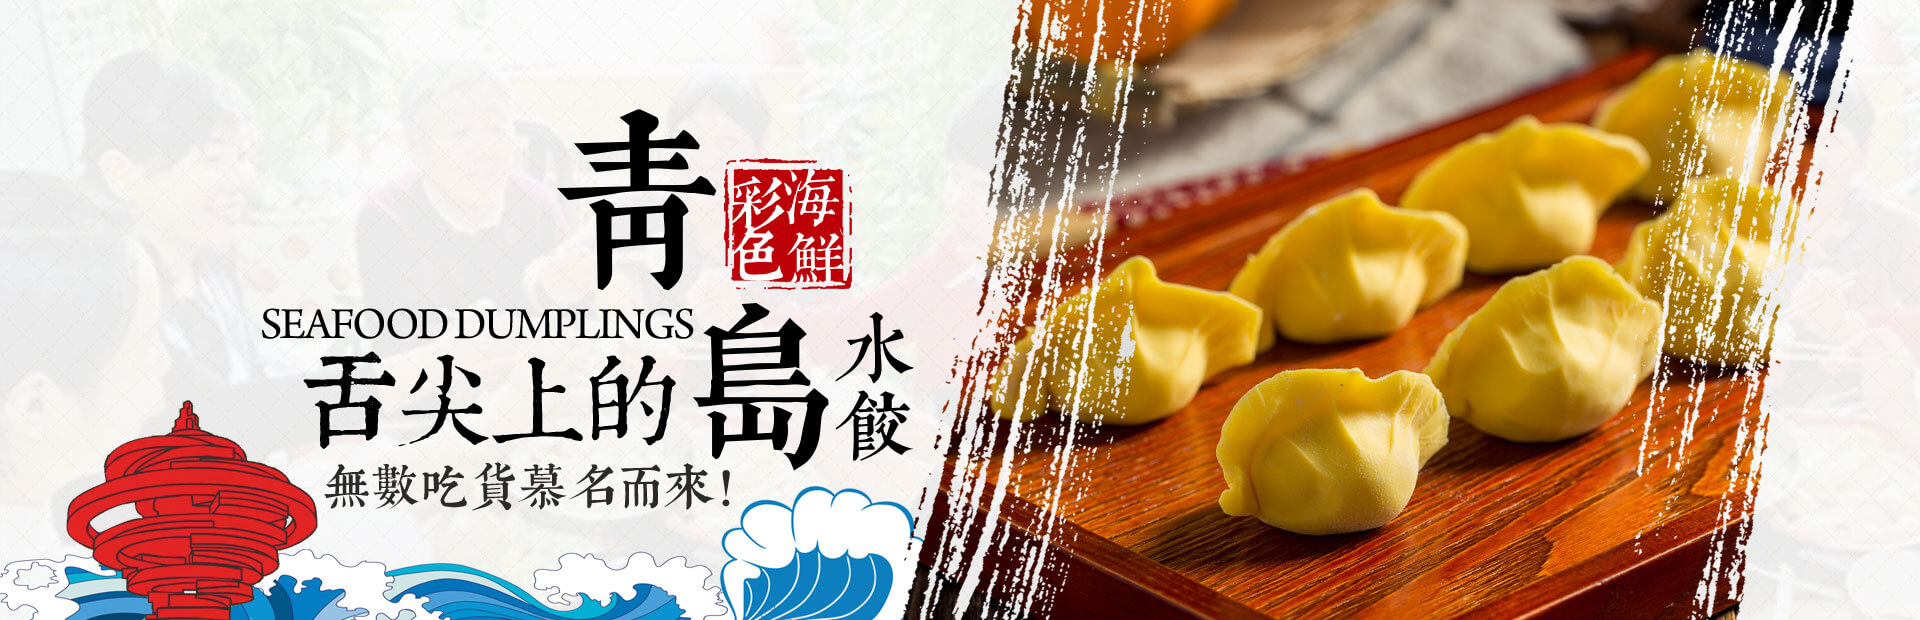 舌尖3推荐-青岛海鲜饺子